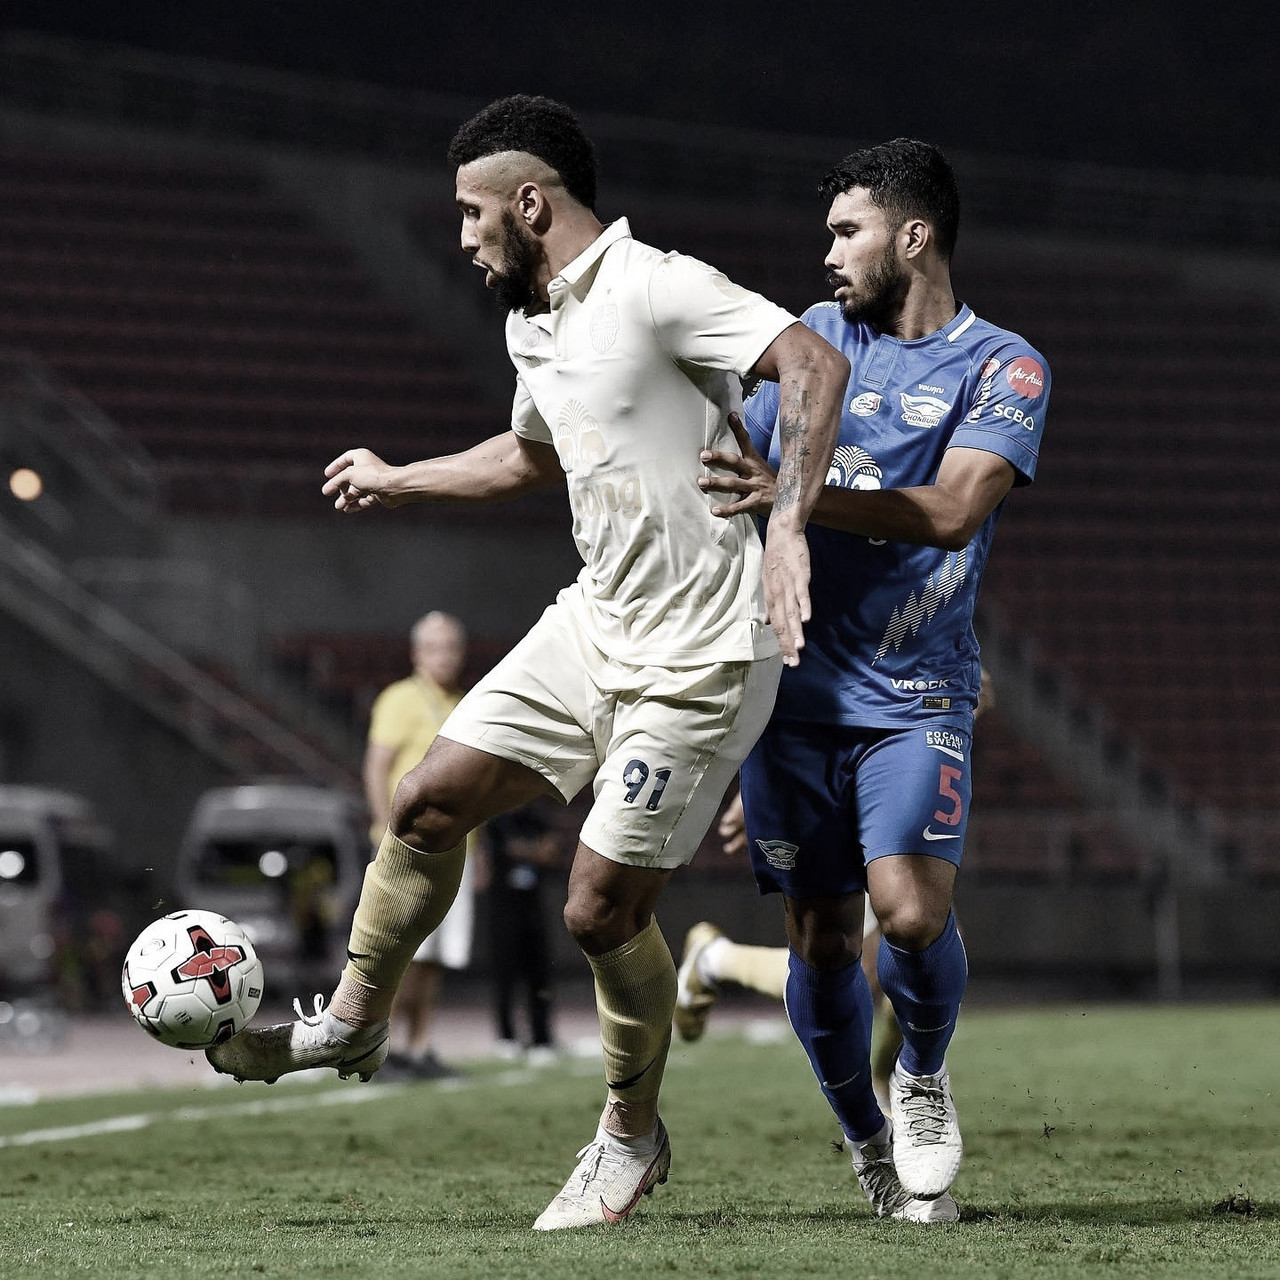 Samuel renova contrato e projeta novo ano de sucesso com Buriram United